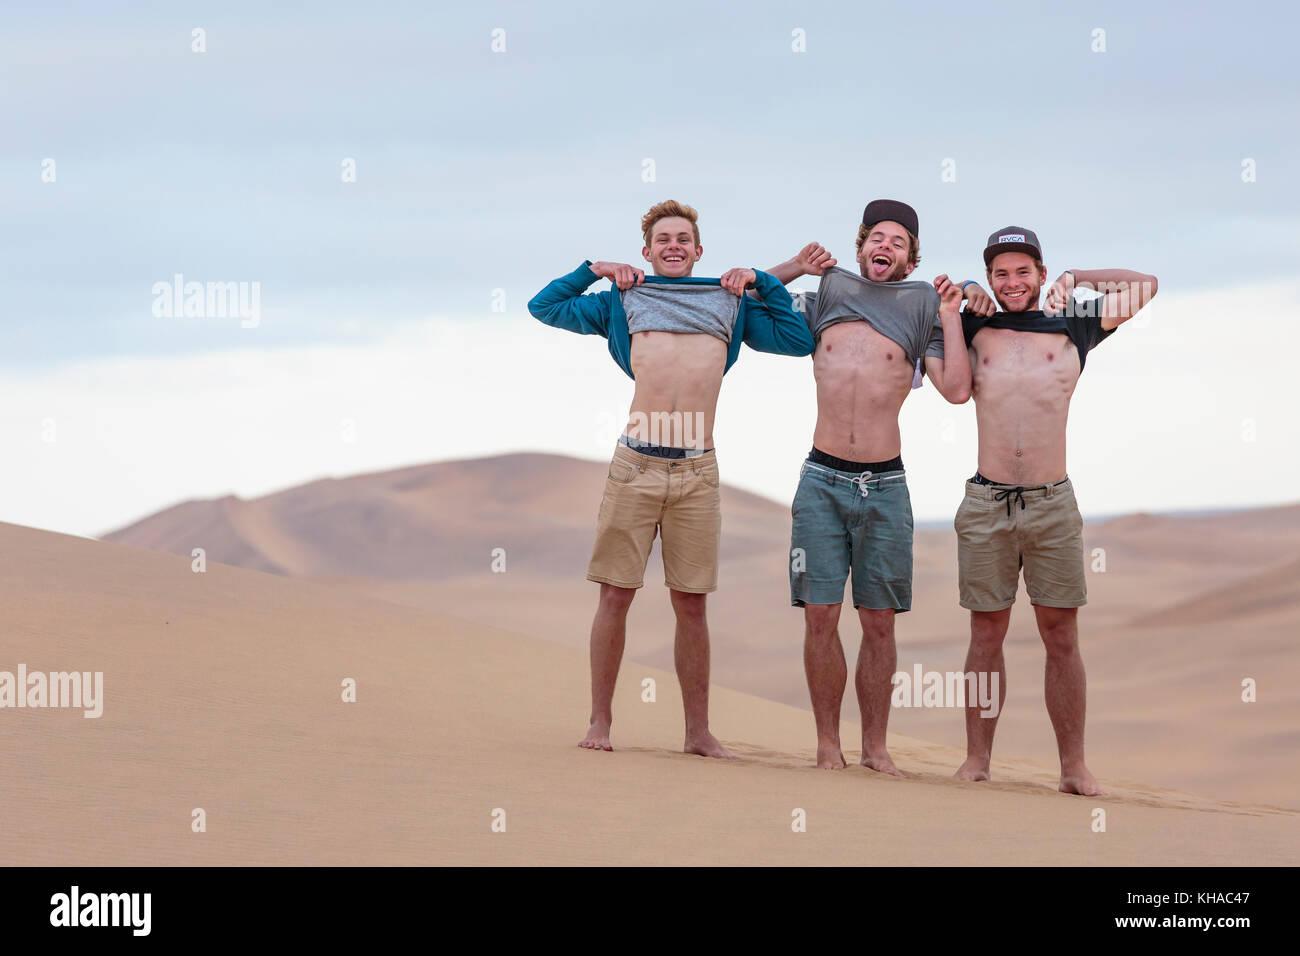 Drei junge Männer zeigen ihre muskulösen Oberkörper, Wüste Namib, Namibia Stockbild